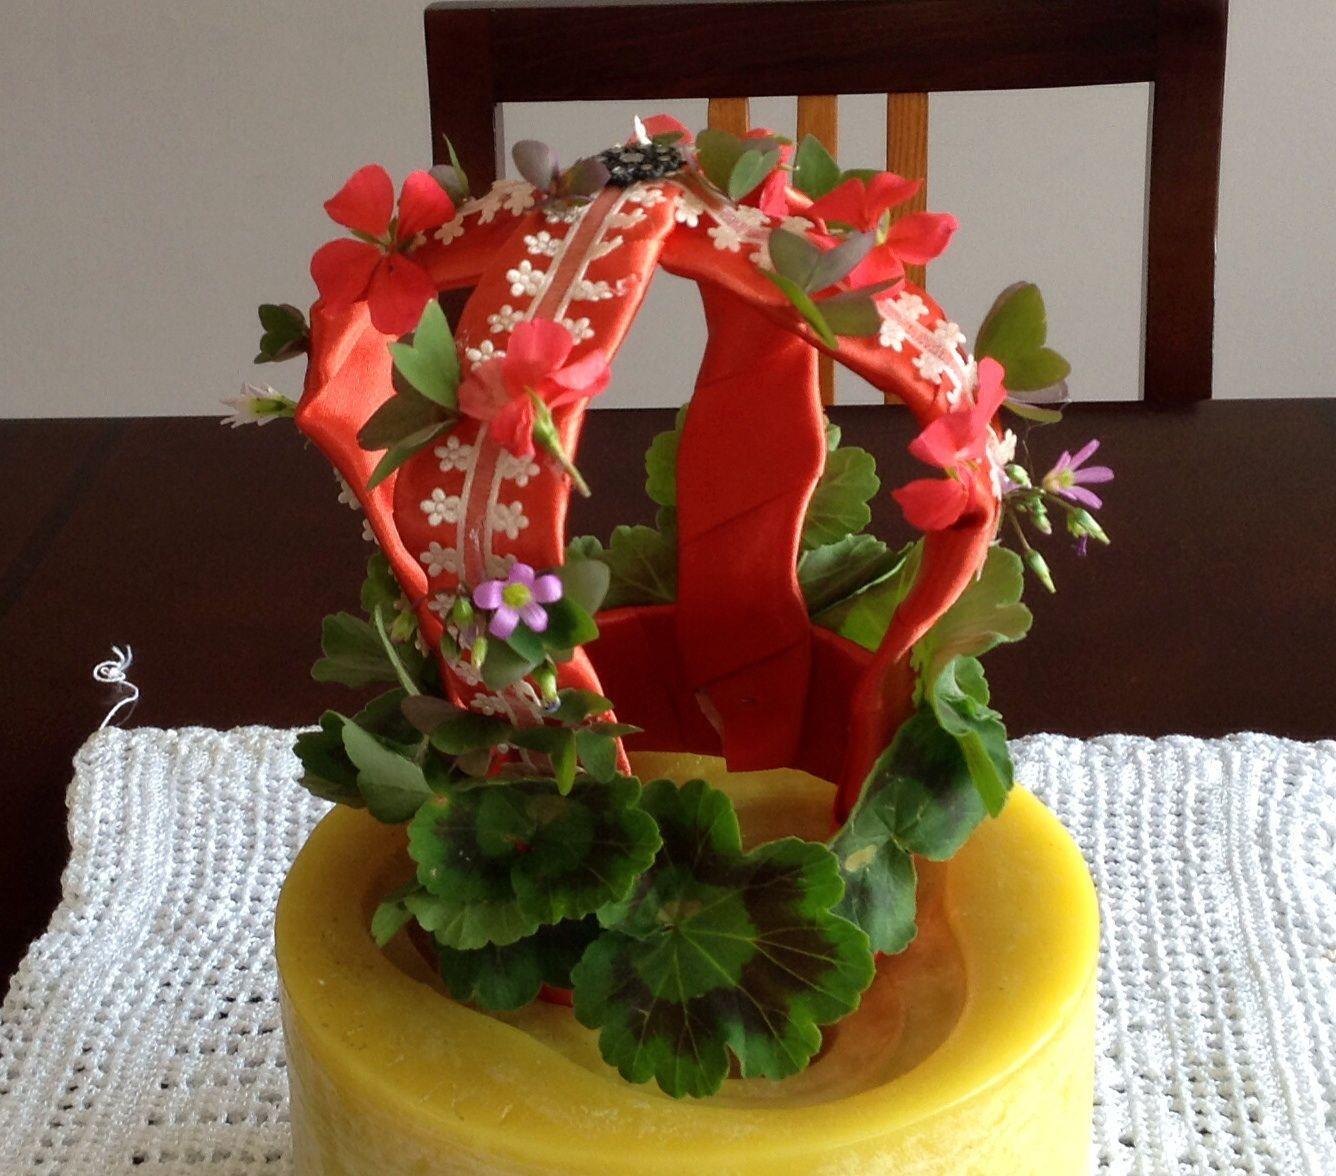 Corona de monja, adornada con cintilla y vegetación natural.